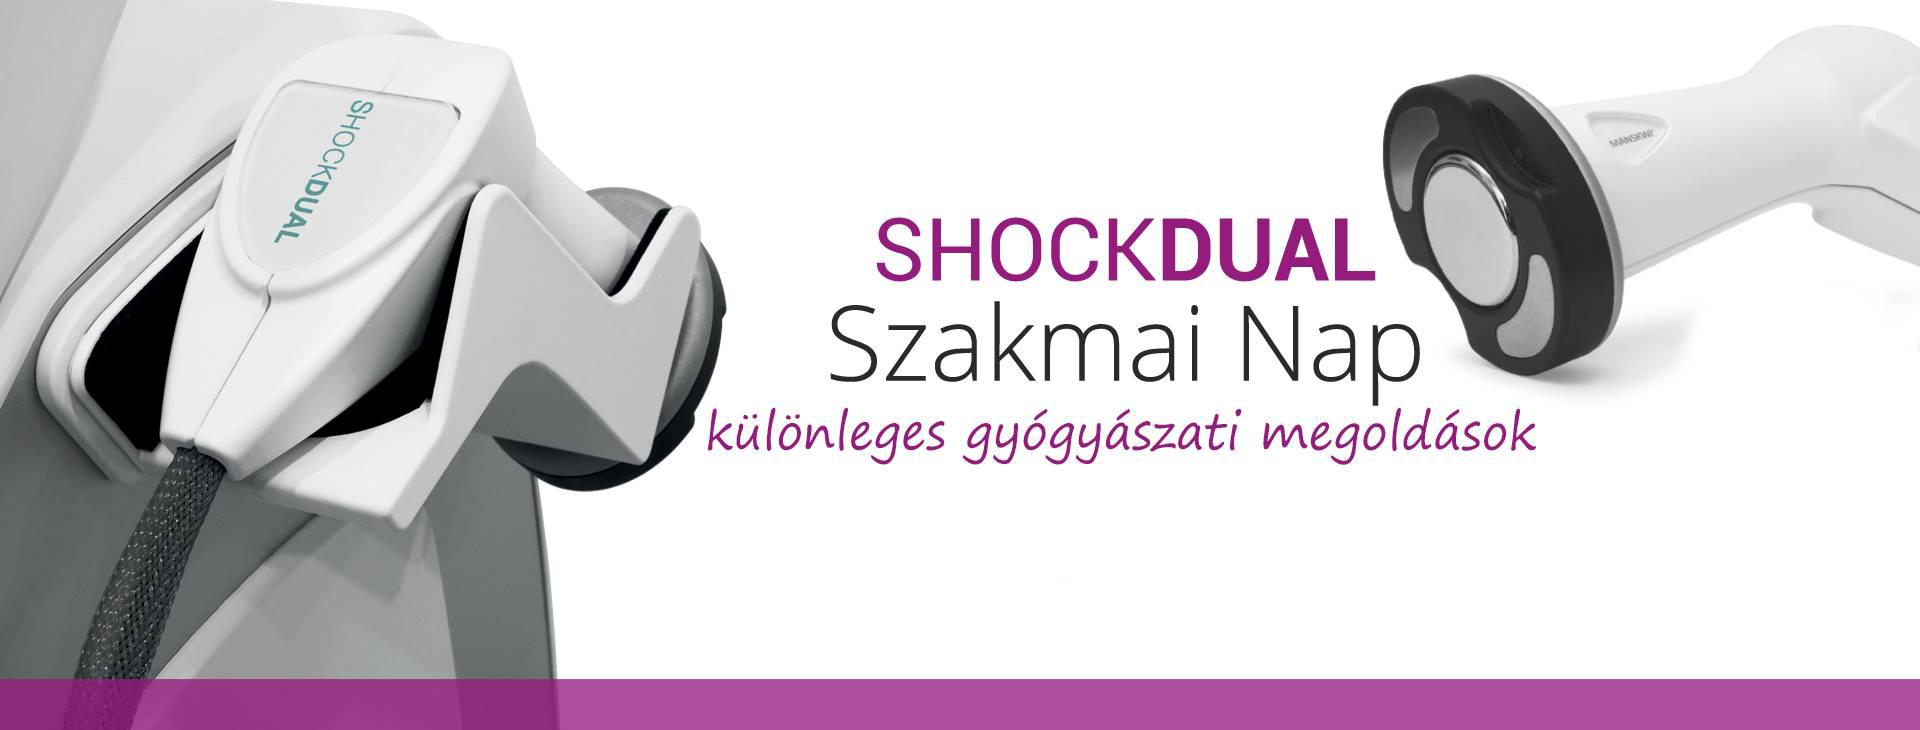 Shockdual szakmai nap – különleges gyógyászati megoldások